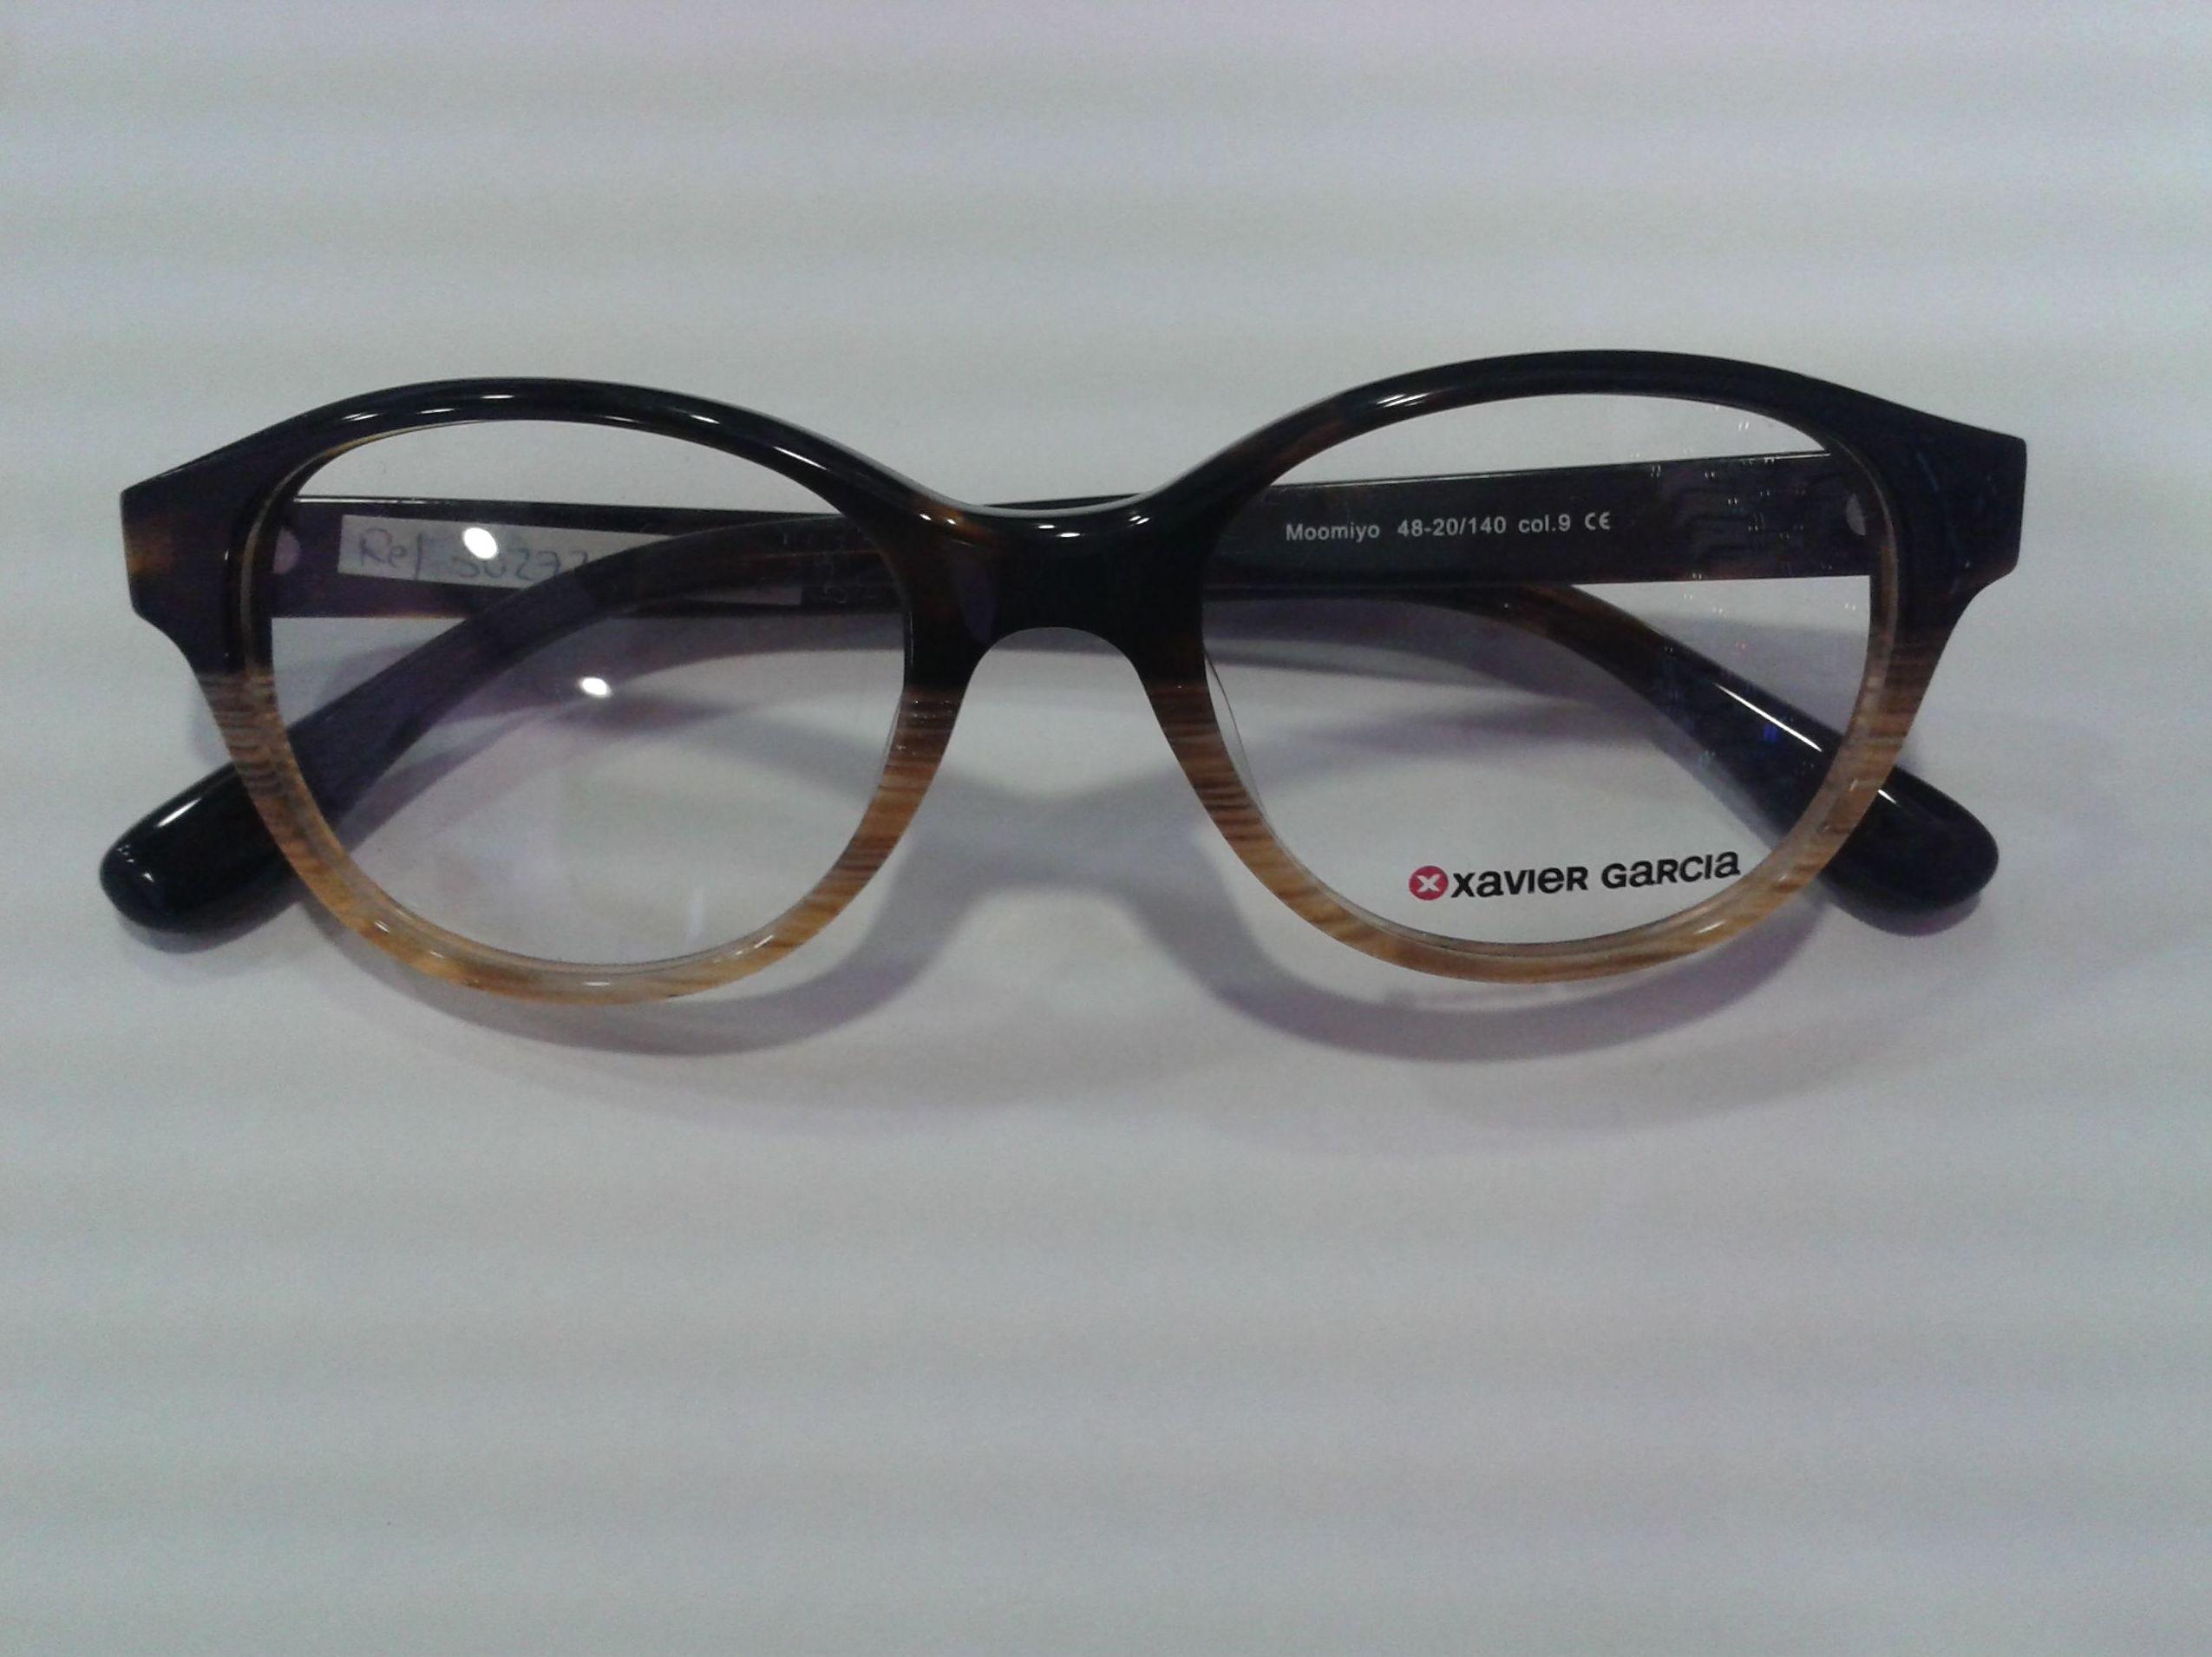 Gafas de diseño y calidad